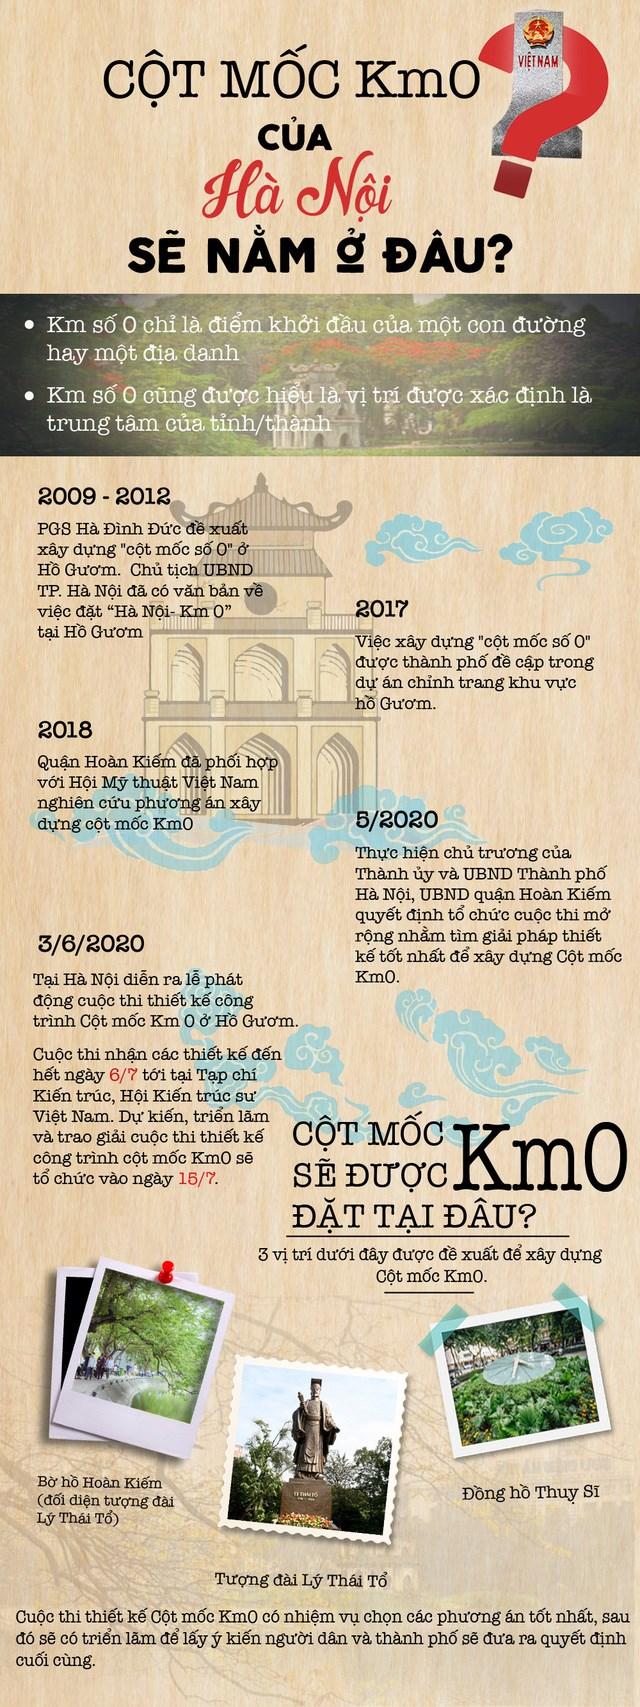 [Infographic] Cột mốc Km0 của Hà Nội sẽ nằm ở đâu? - Ảnh 1